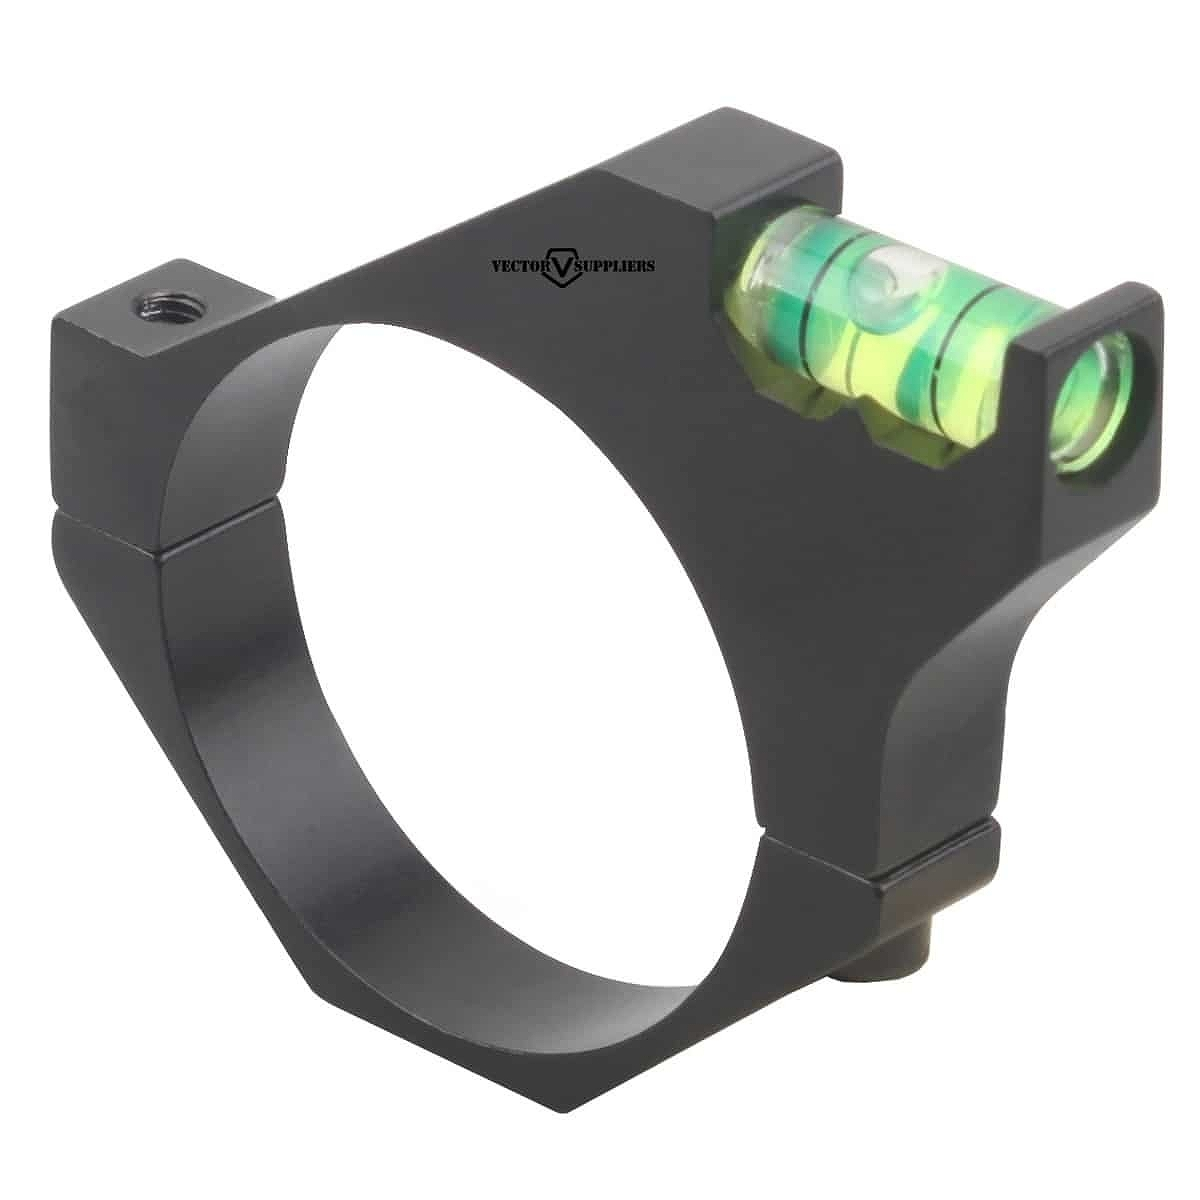 ベクターオプティクス 水平器 40mm Offset Bubble  Vector Optics SCACD-12